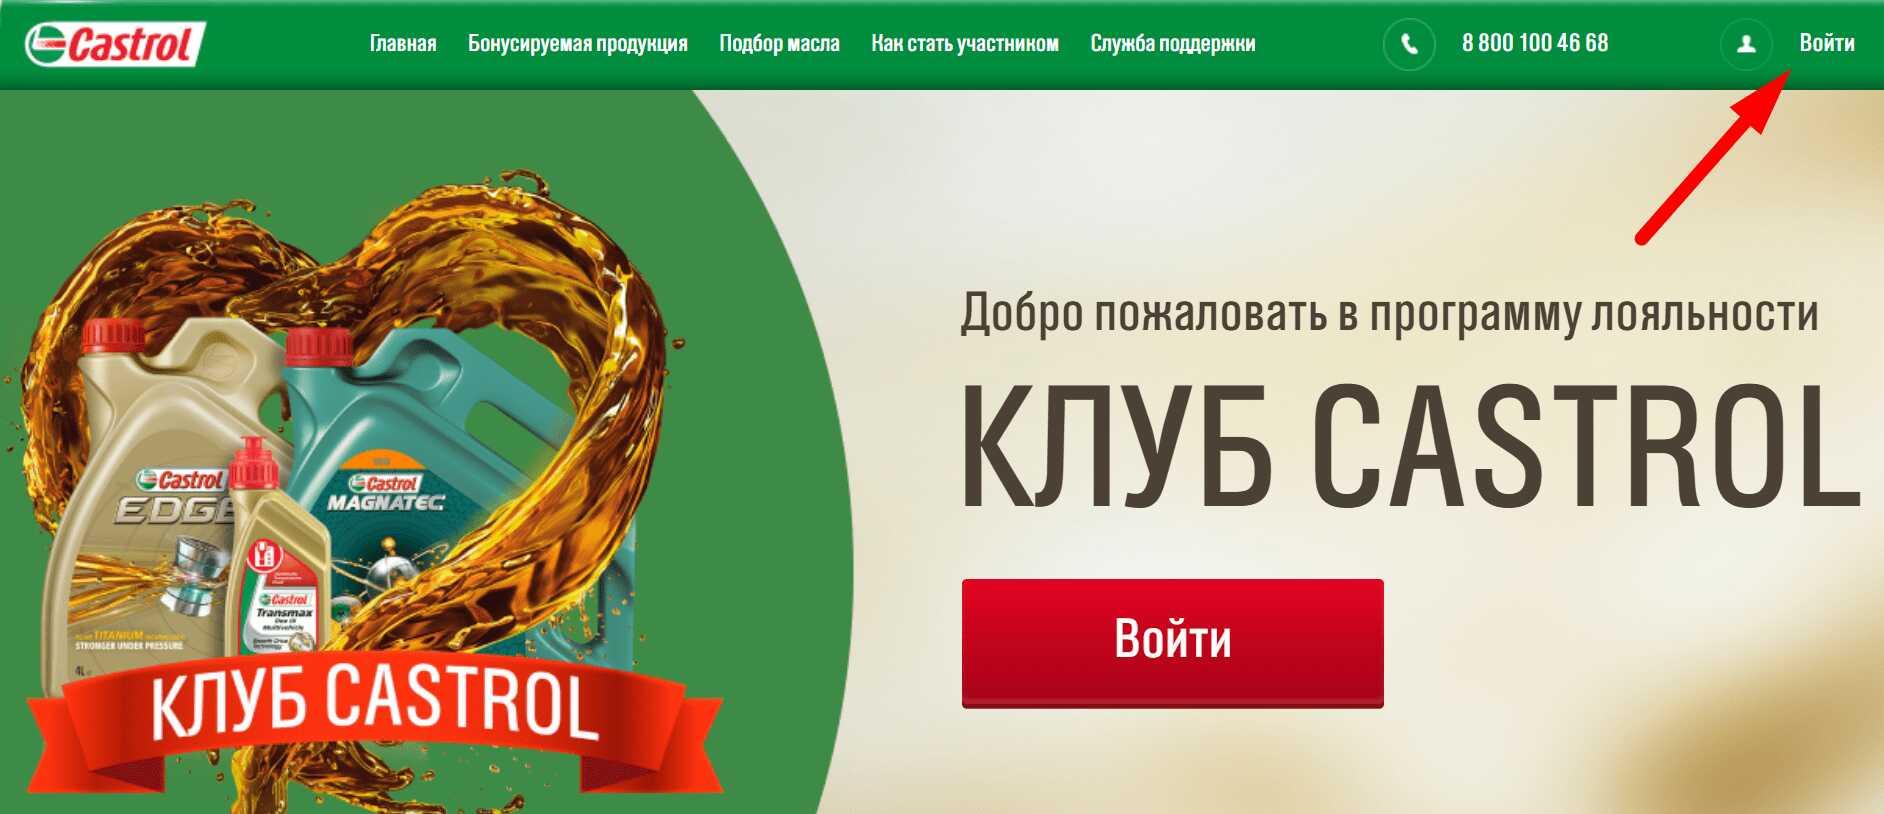 Официальный сайт программы «KЛУБ CASTROL»